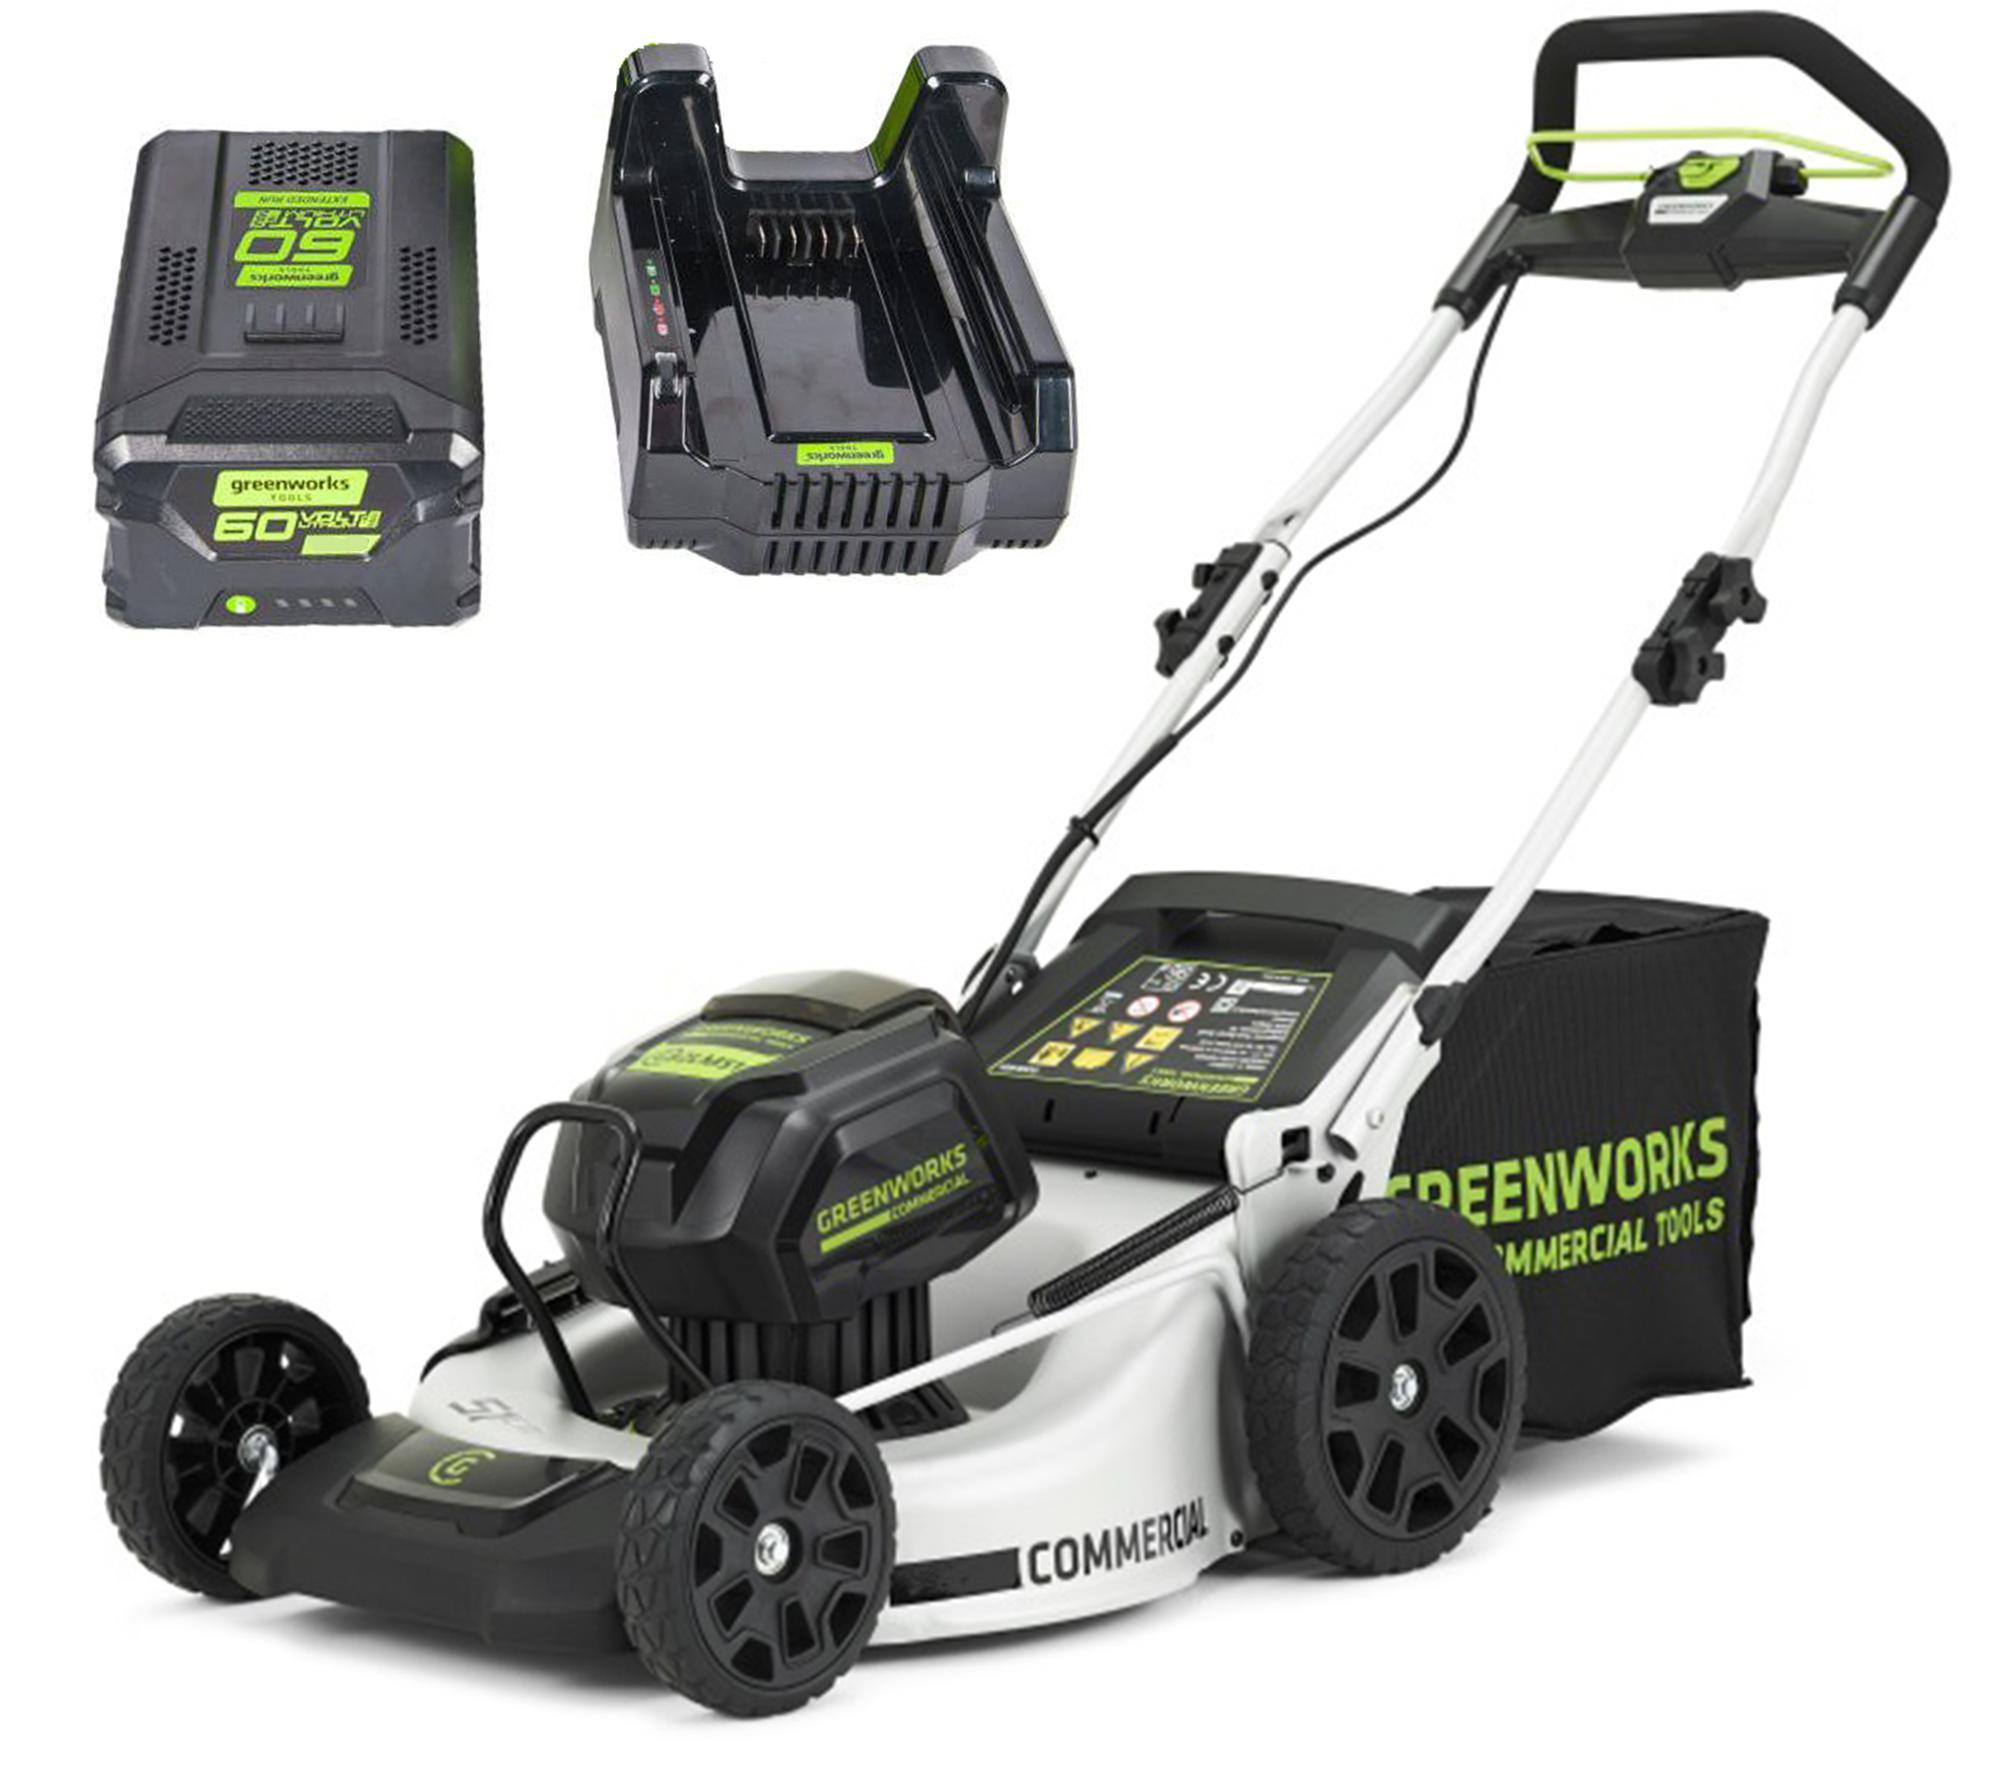 Купить со скидкой Аккумуляторная газонокосилка Greenworks Gc82lm51k5 (2502007ub)